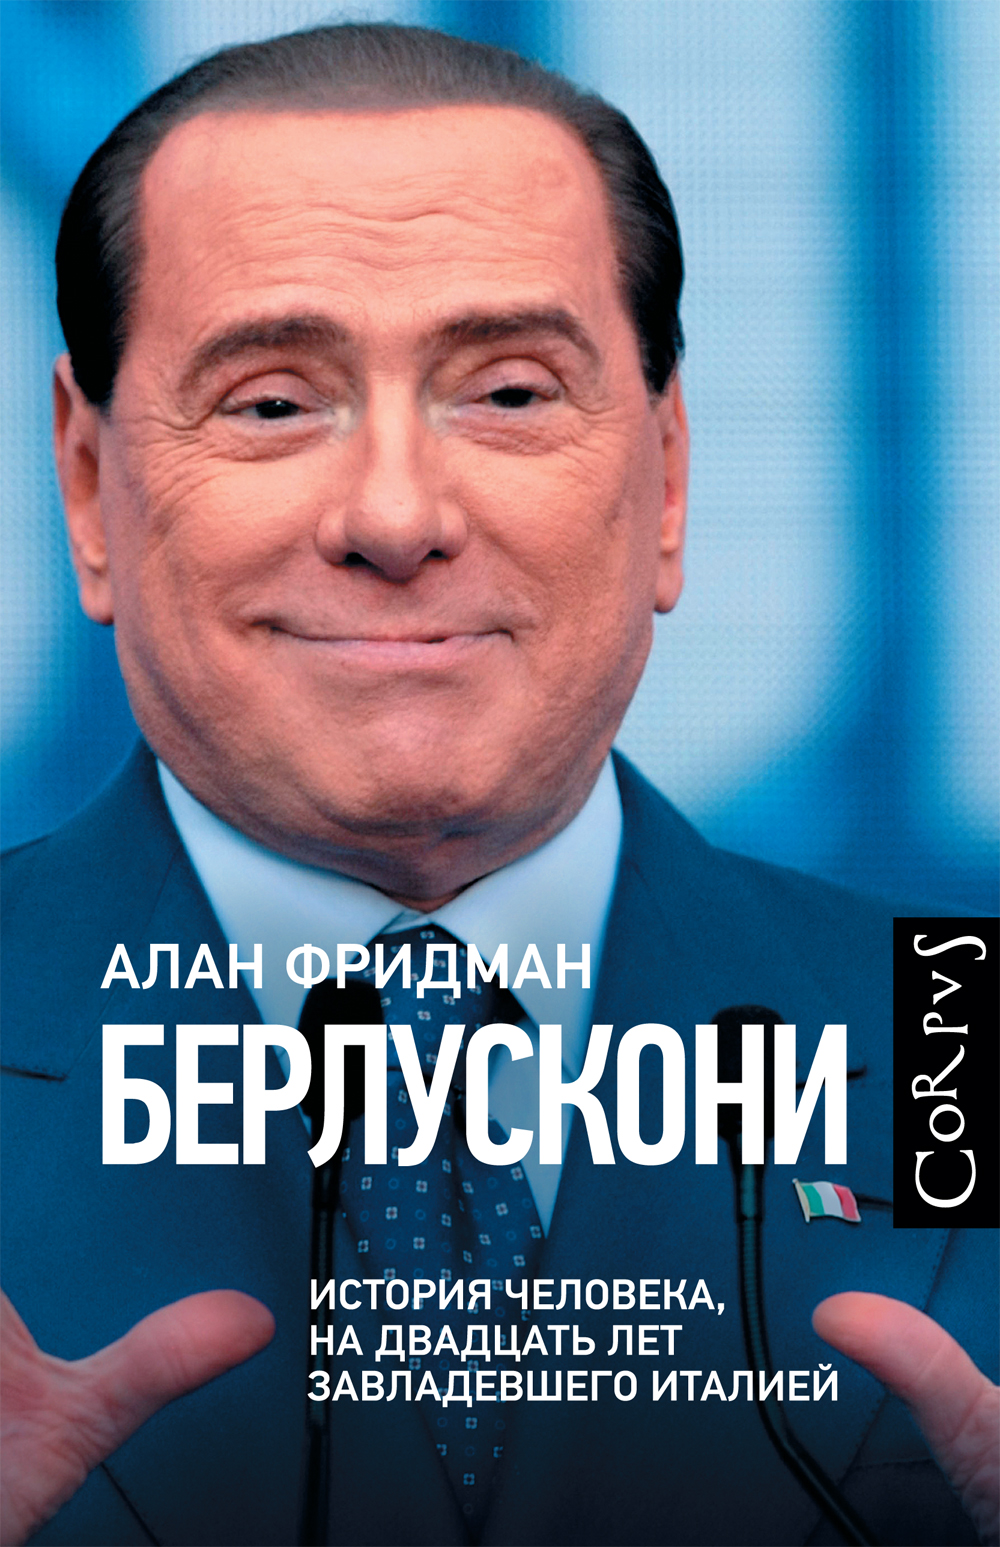 Алан Фридман Берлускони. Человек, который двадцать лет обладал Италией